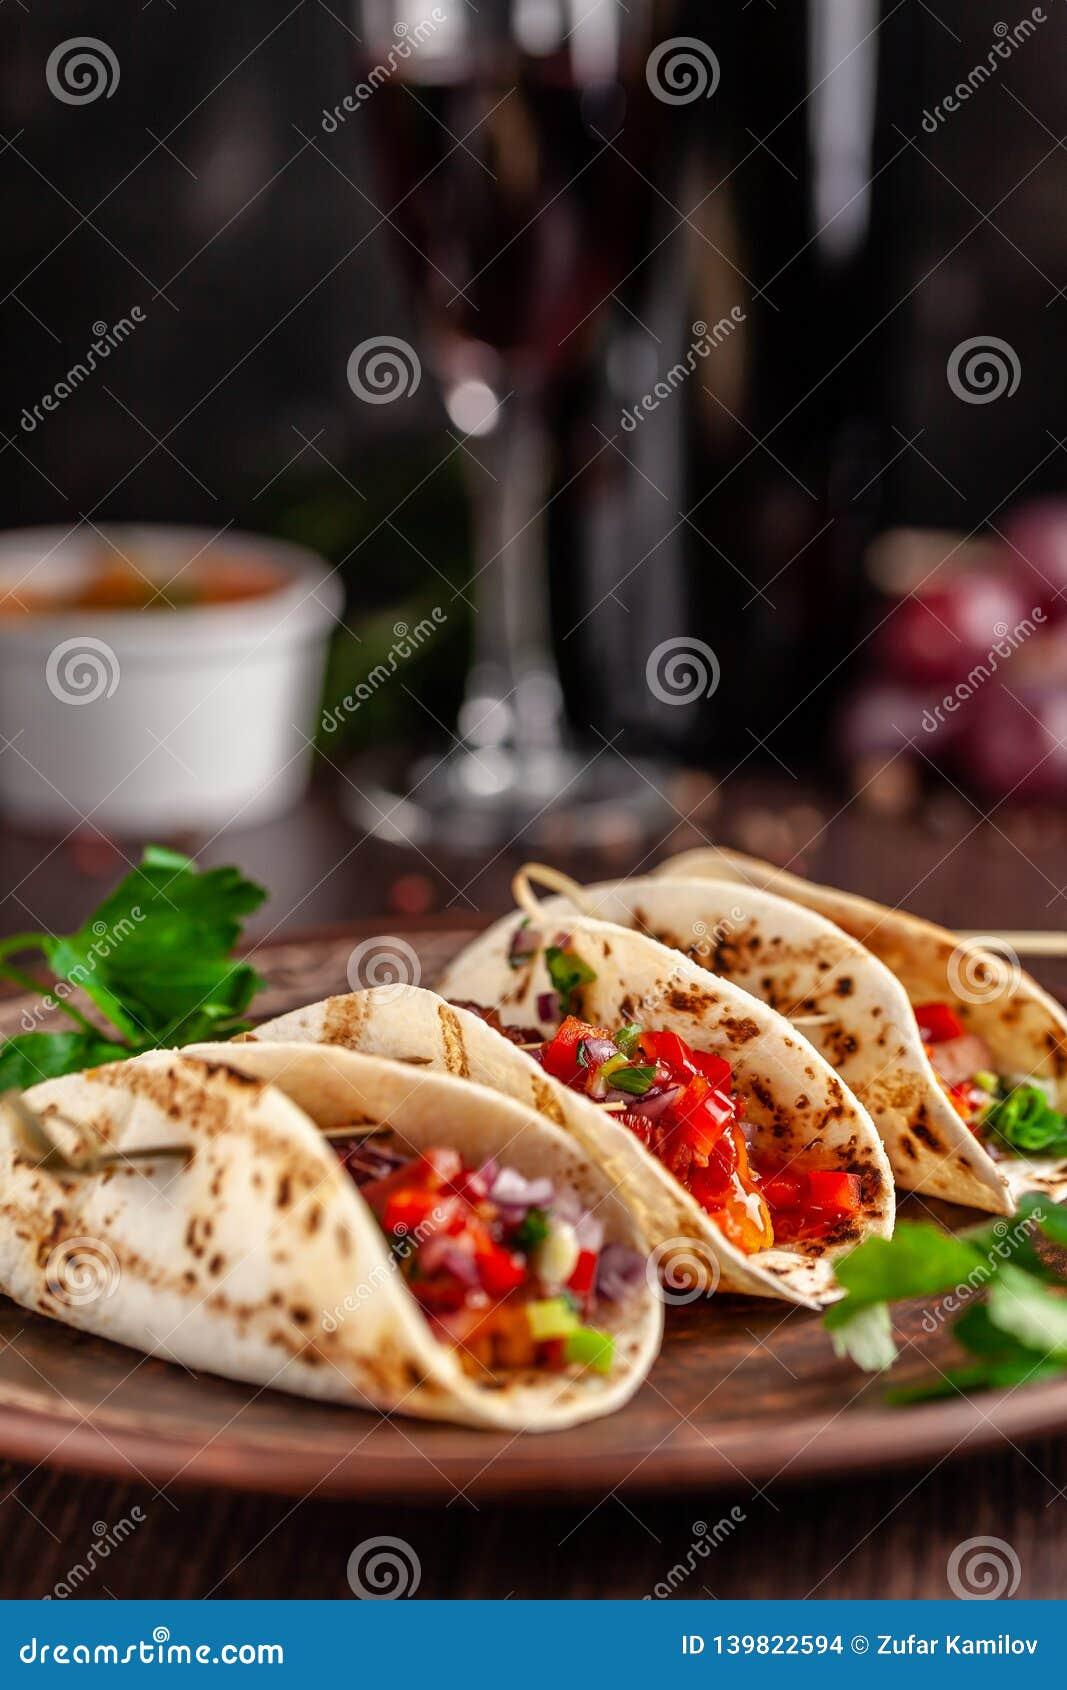 墨西哥烹调的概念 与菜,豆,辣椒粉,在油煎的未膨松面制面包的辣椒的墨西哥开胃菜炸玉米饼